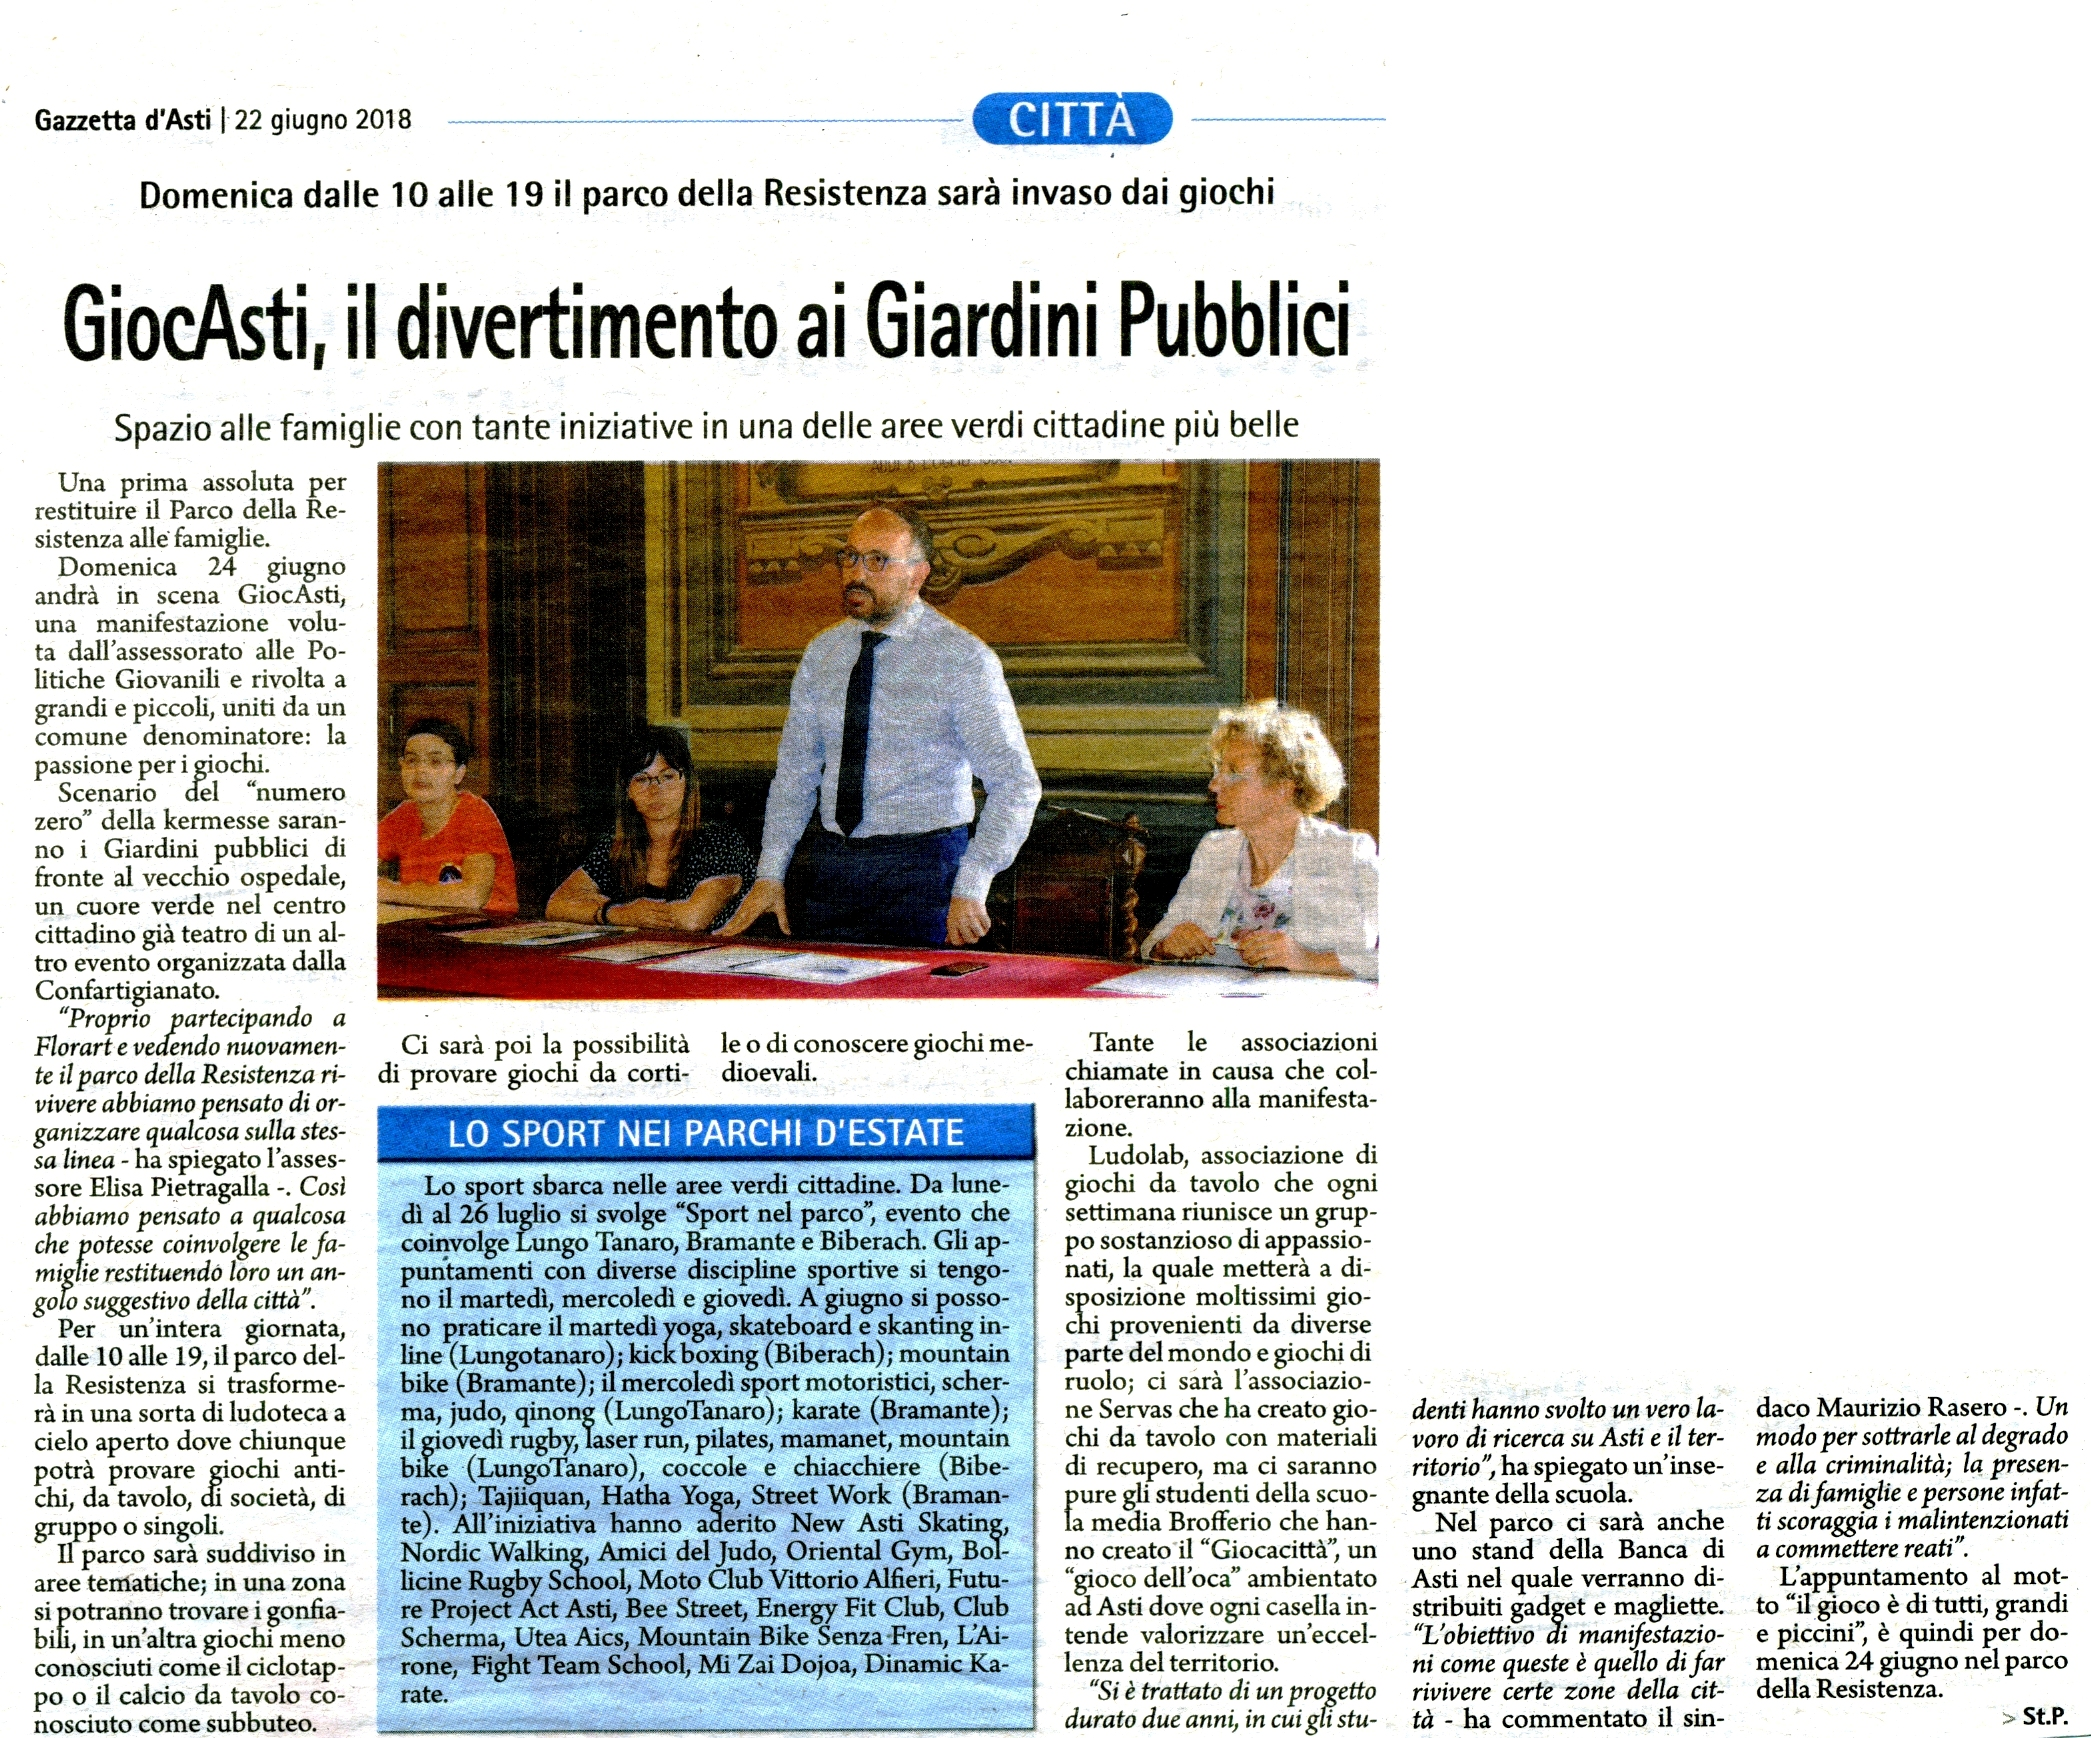 2018-06-22 La Gazzetta d'Asti